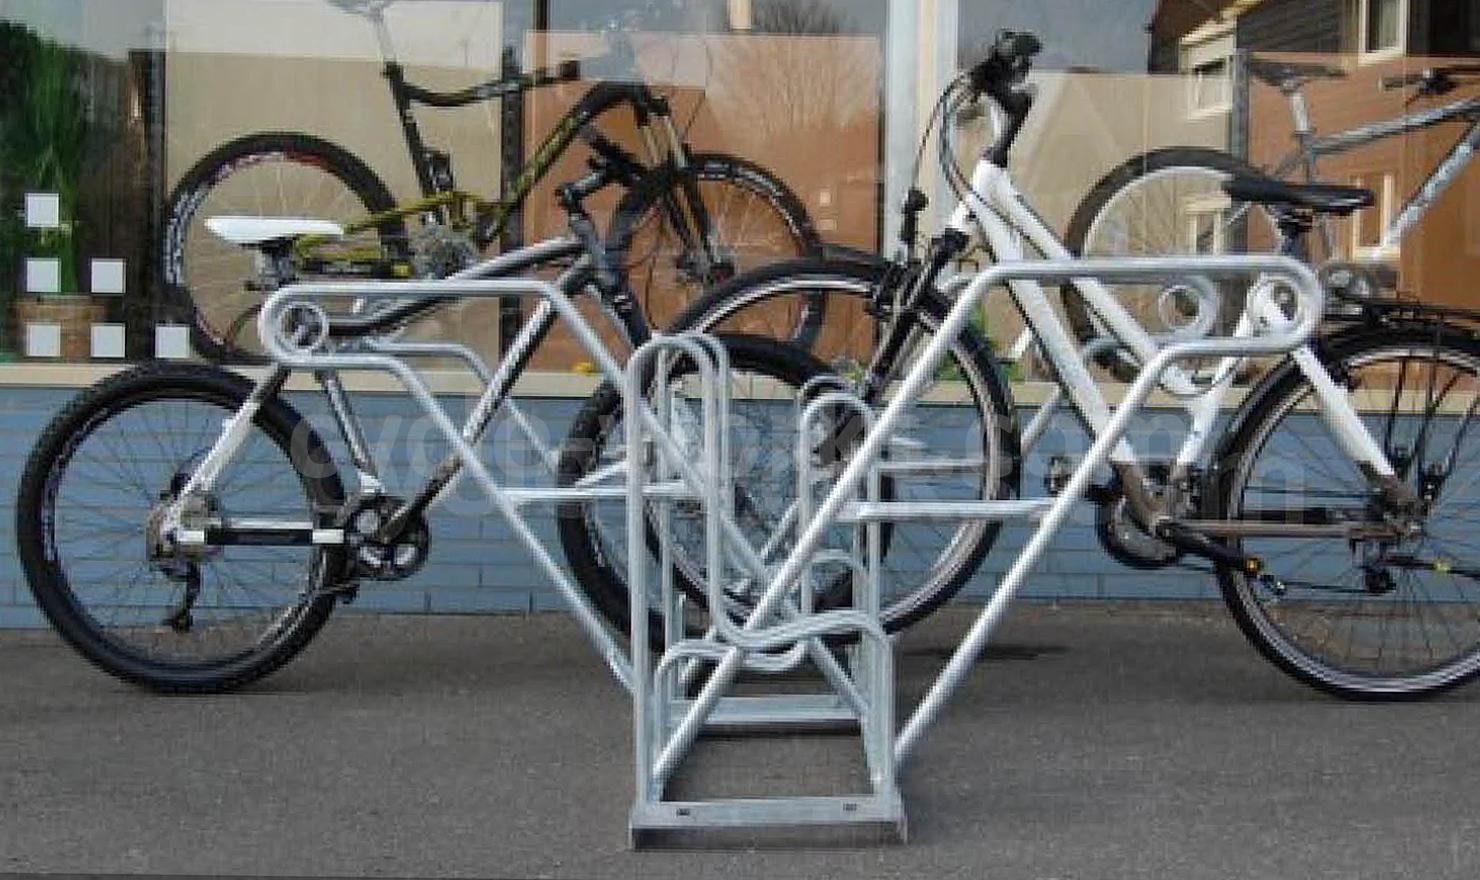 Kent Cycle Rack